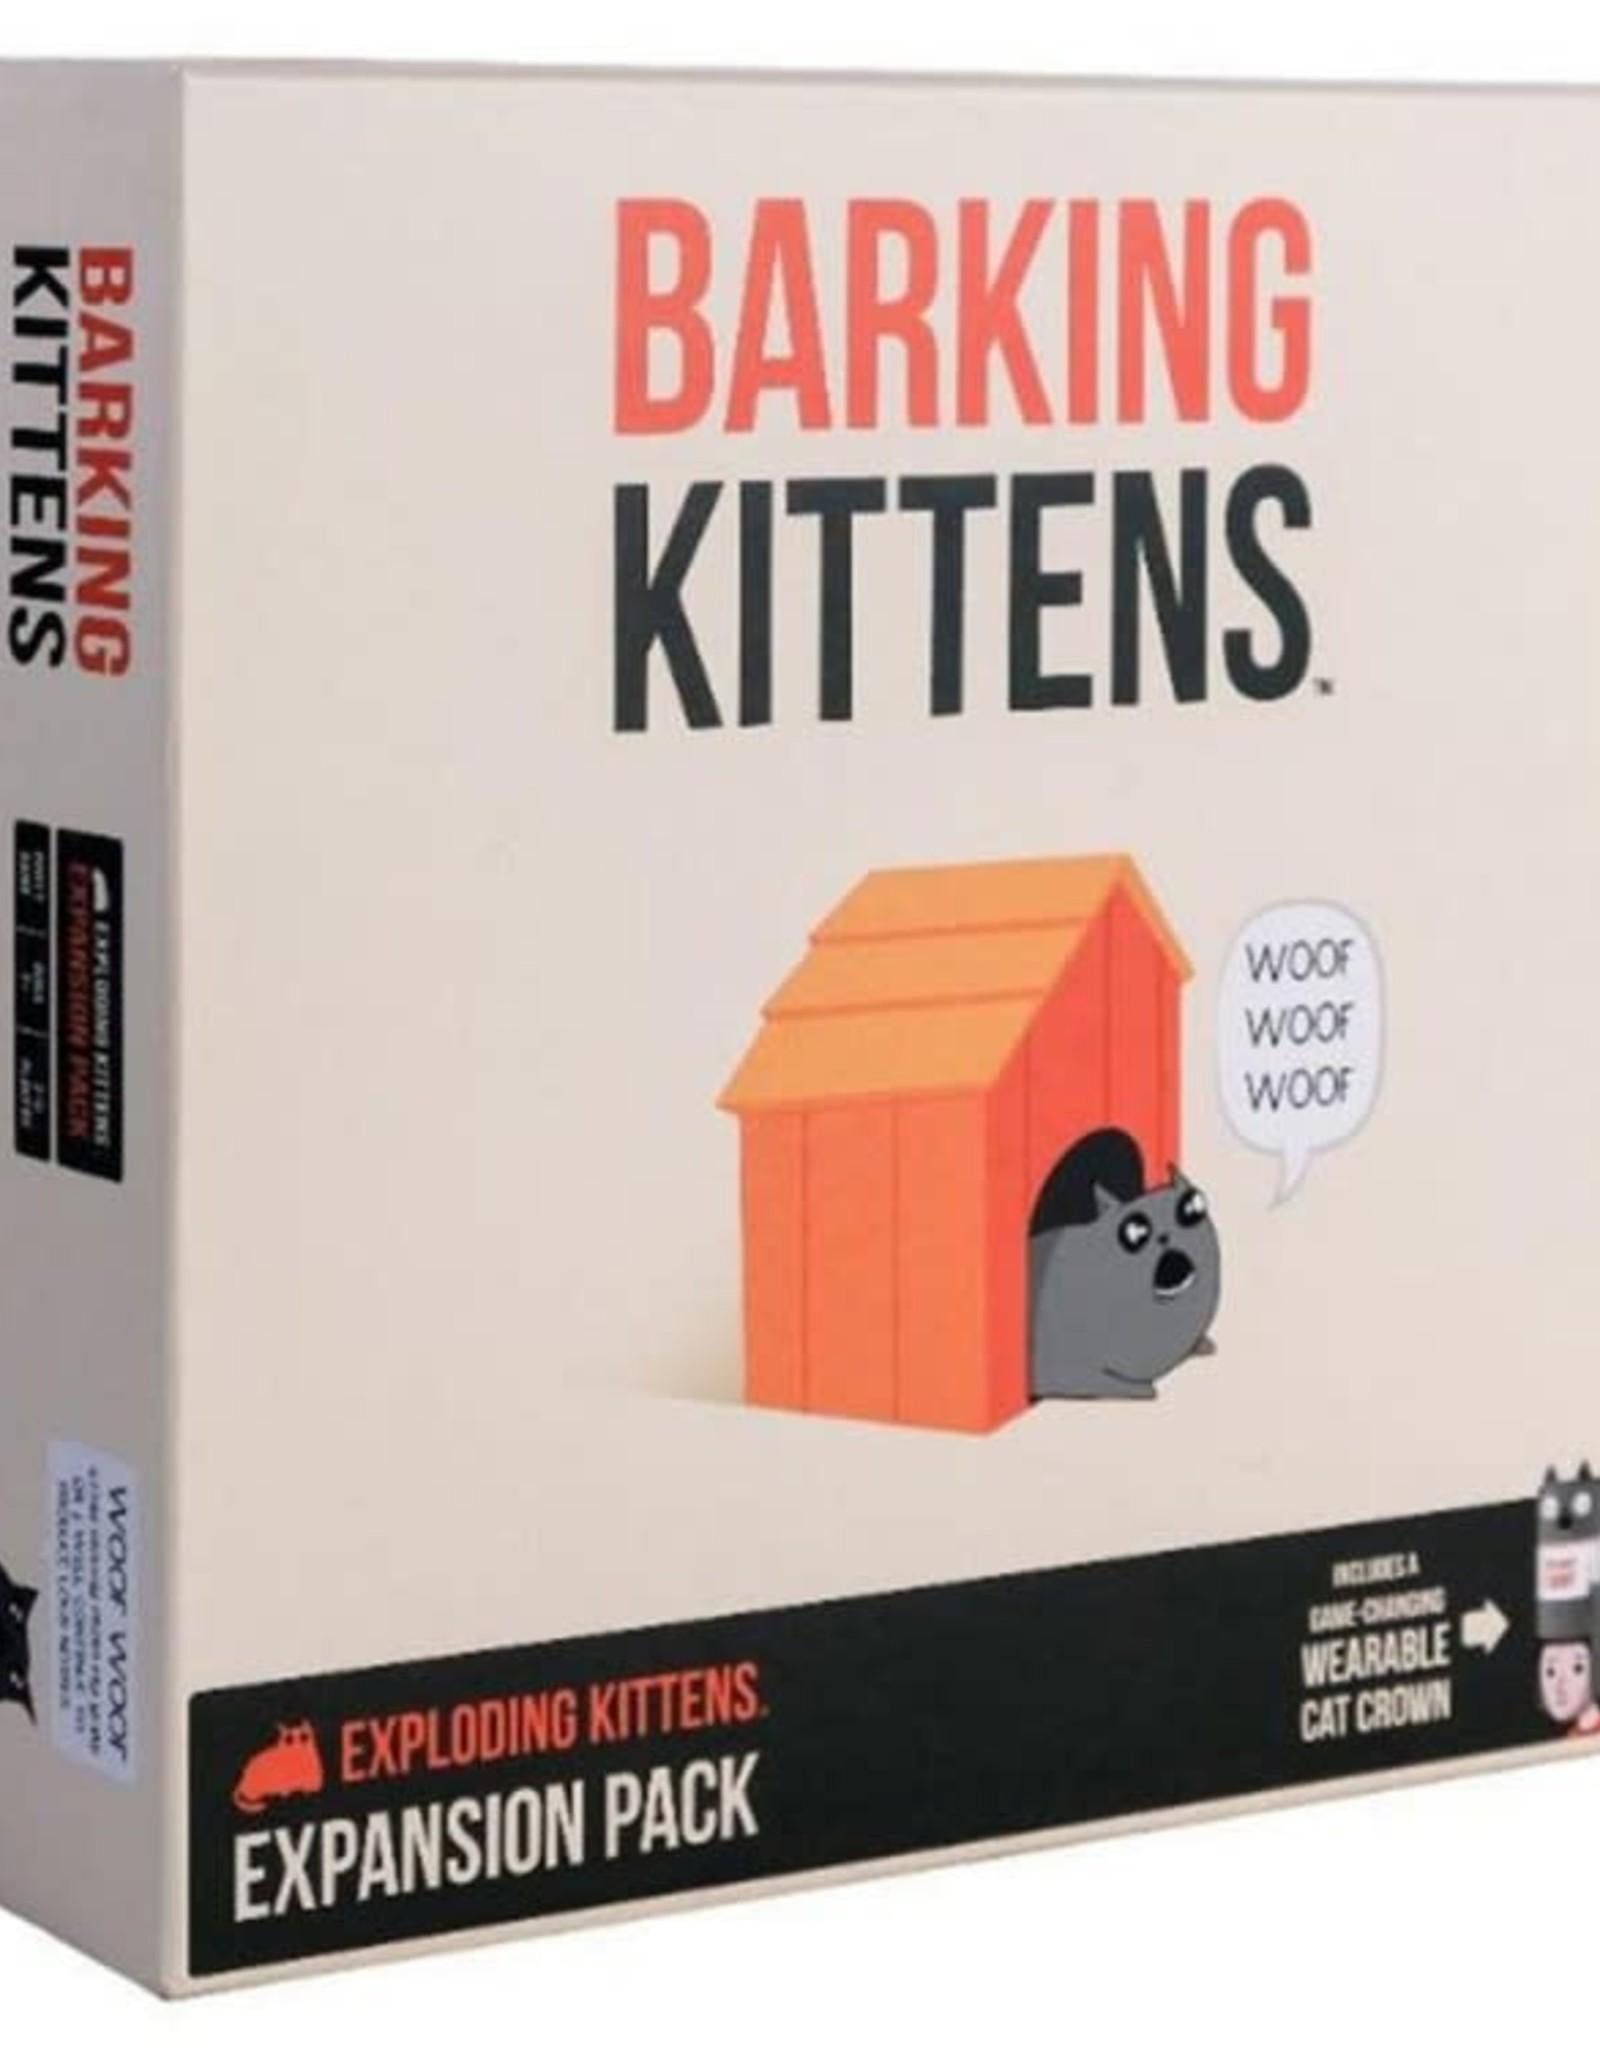 Exploding Kittens Barking Kittens: An Exploding Kittens Expansion